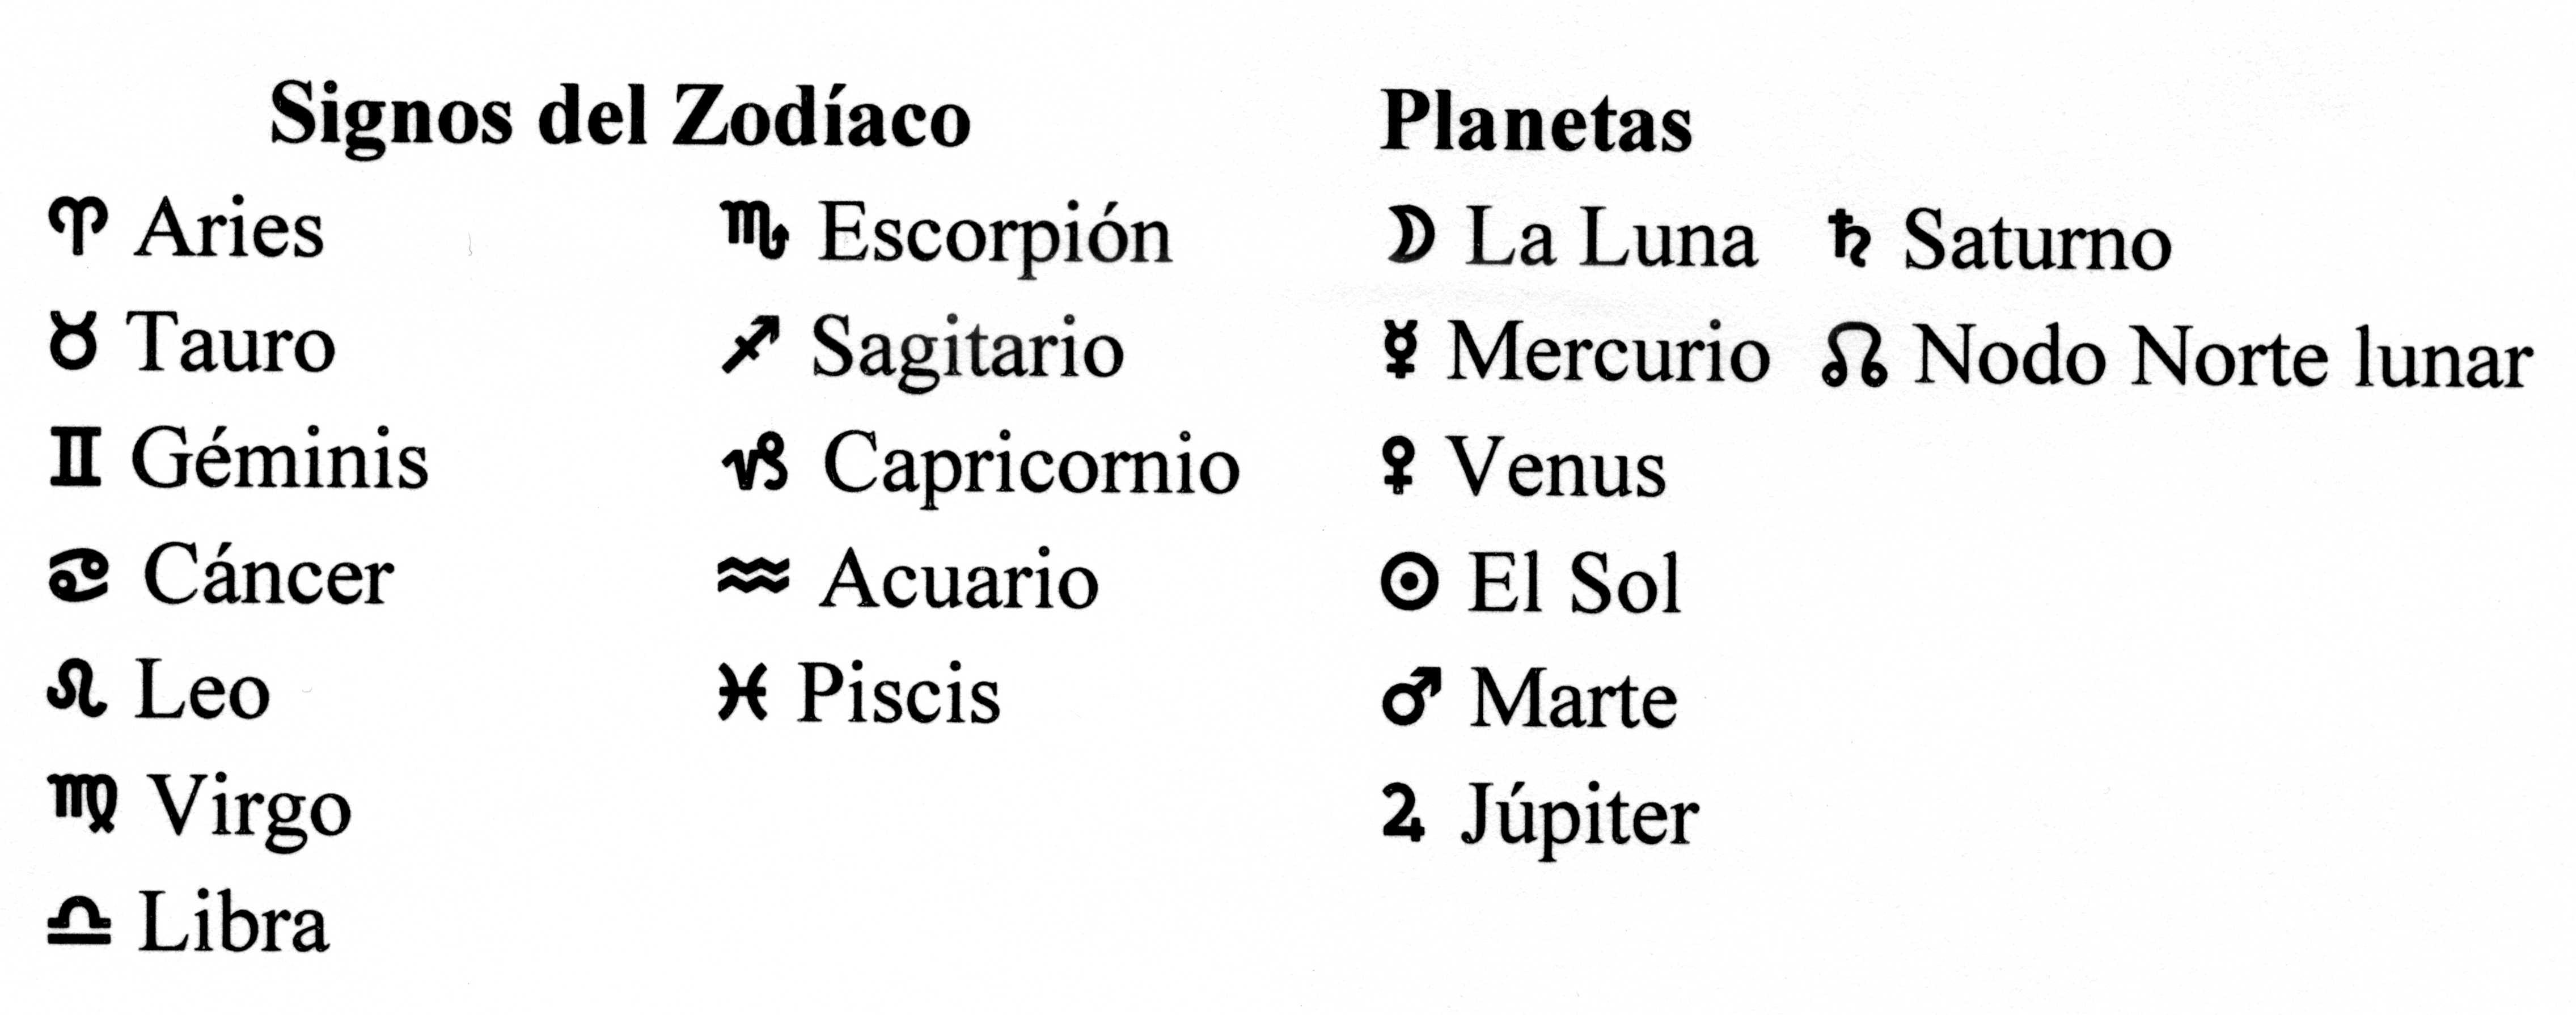 Opiniones de simbolos astronomicos - Los signos del zodiaco en orden ...